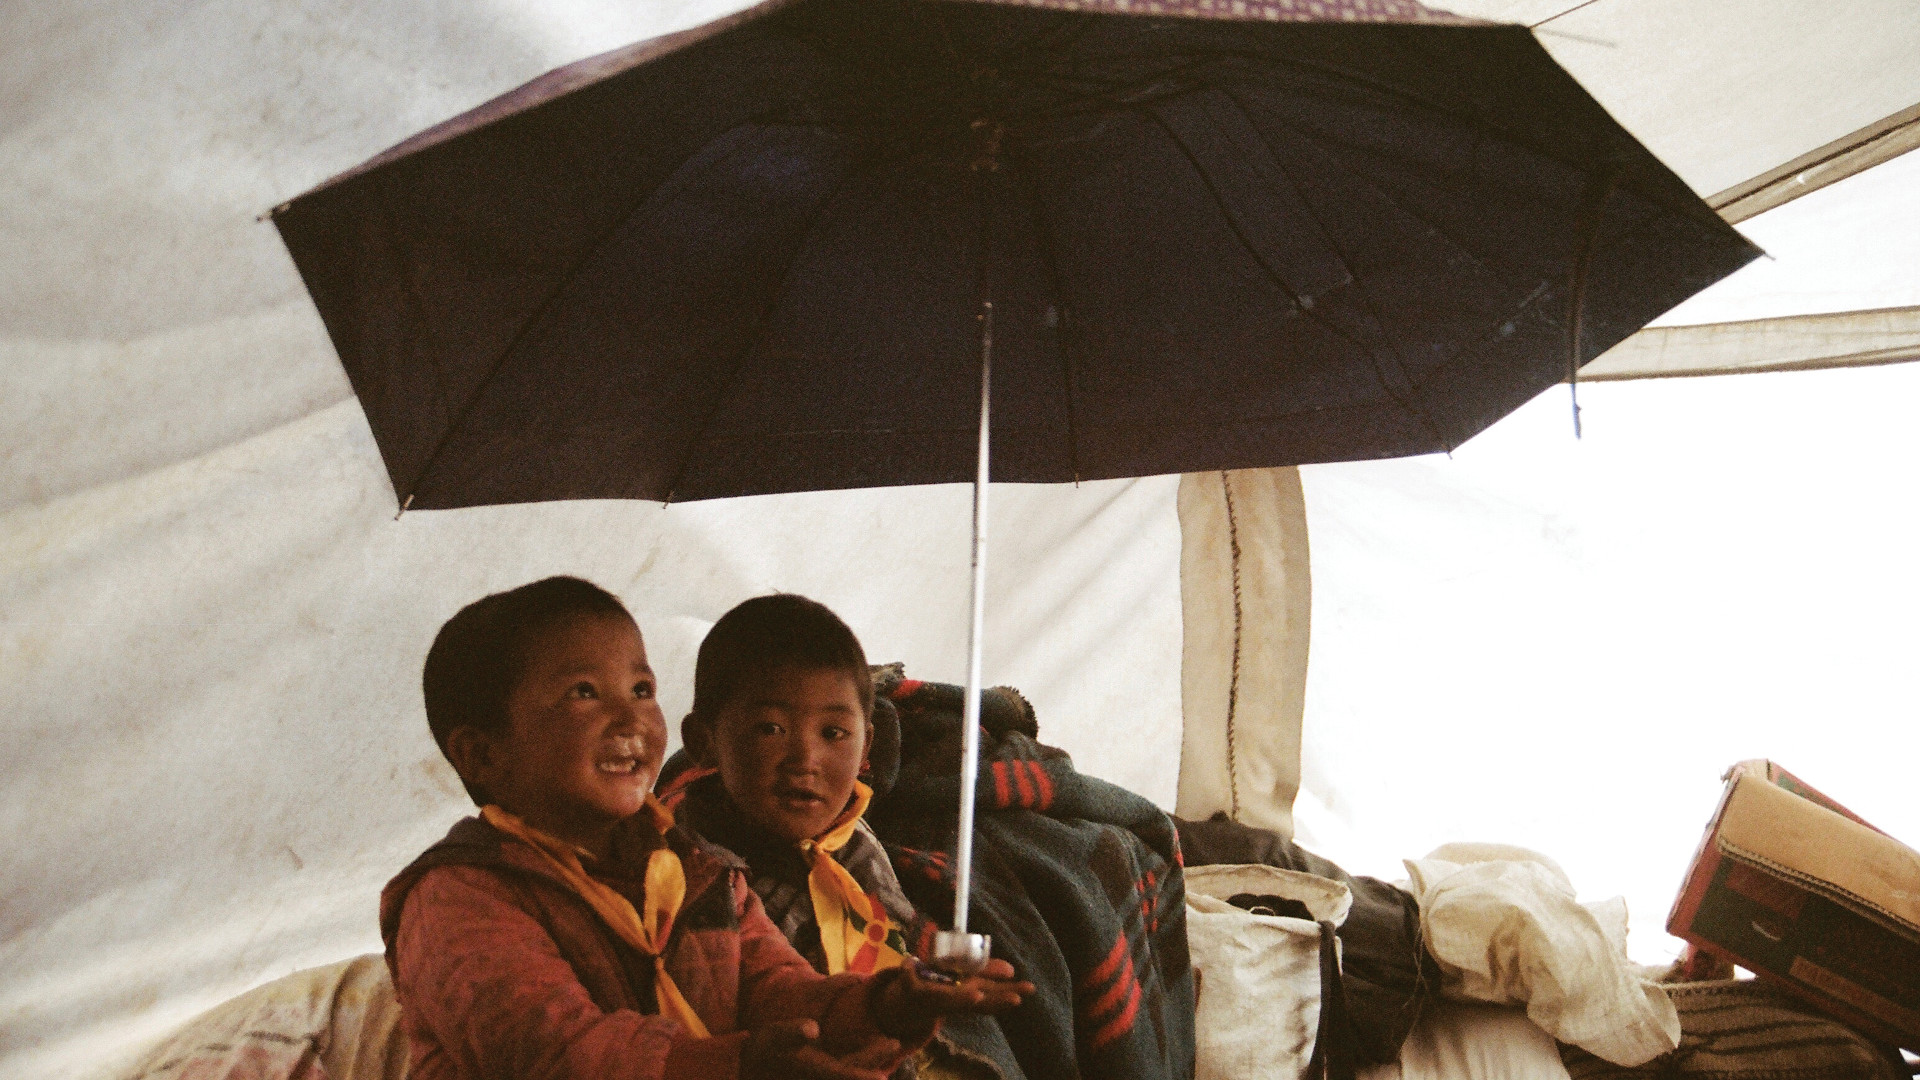 Two boys holding an umbrella